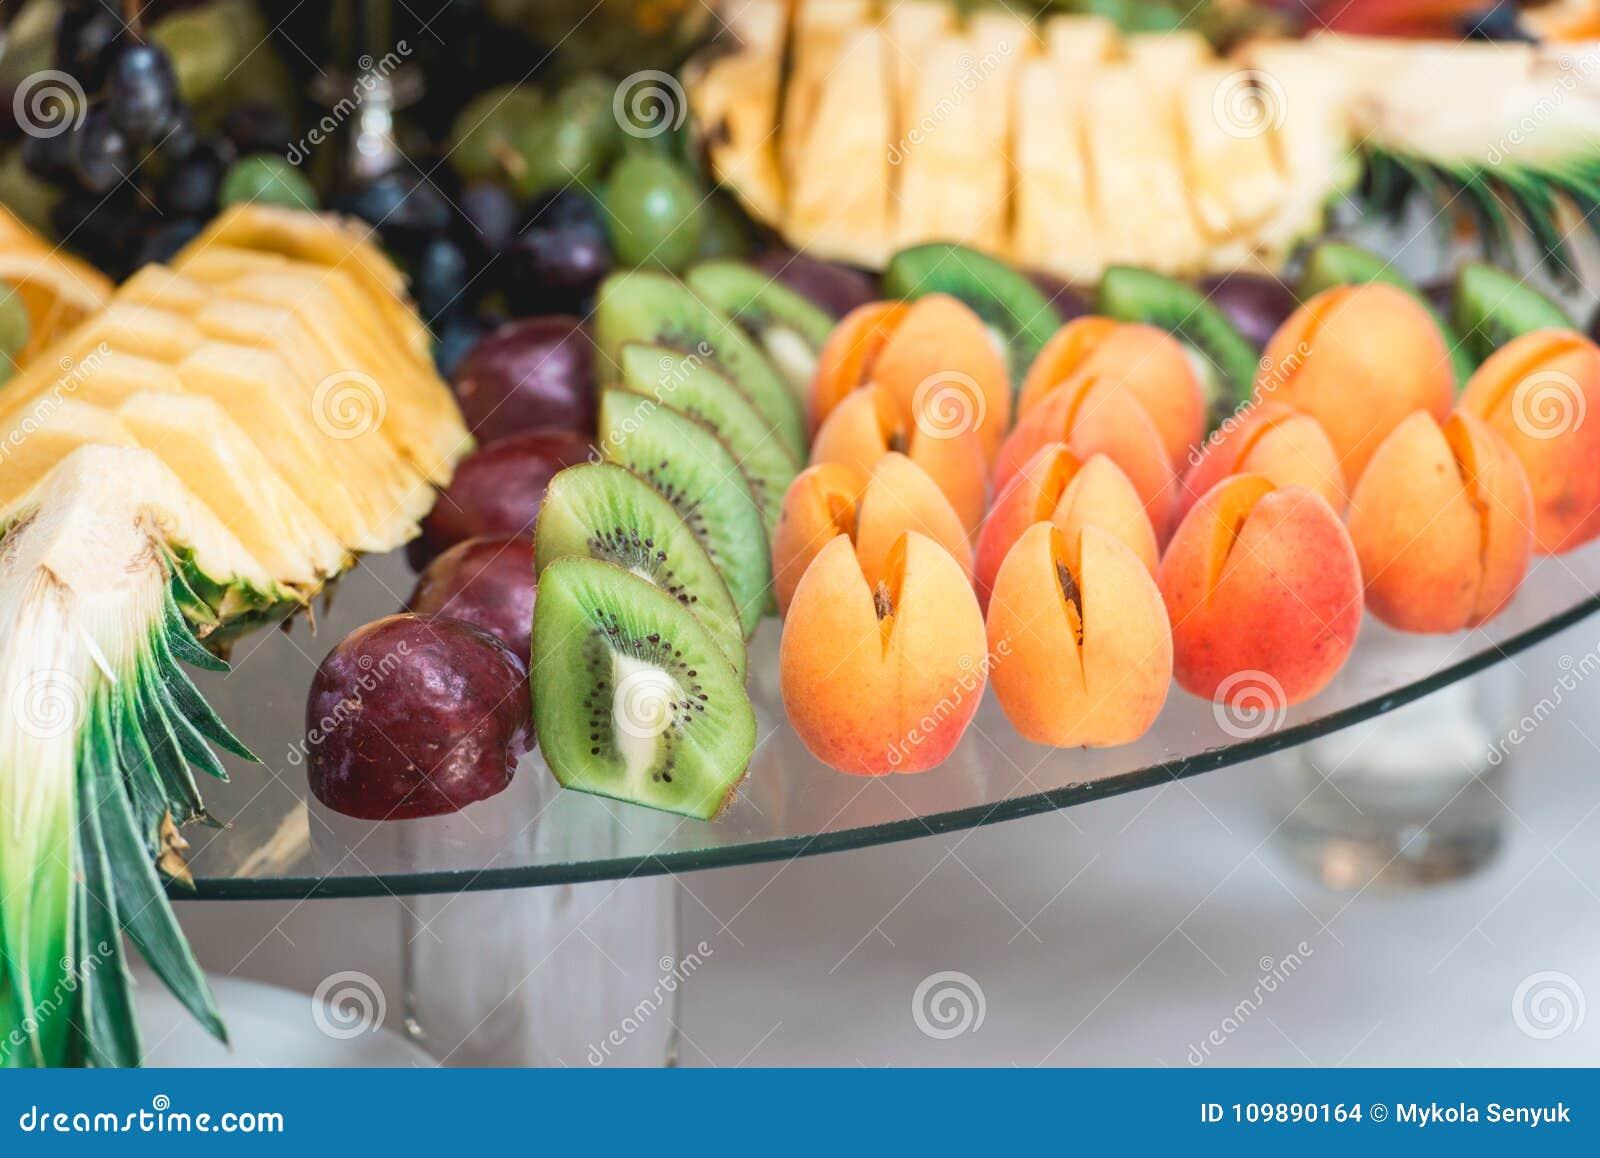 Aprikosenpflaumen Ananas und Kiwi